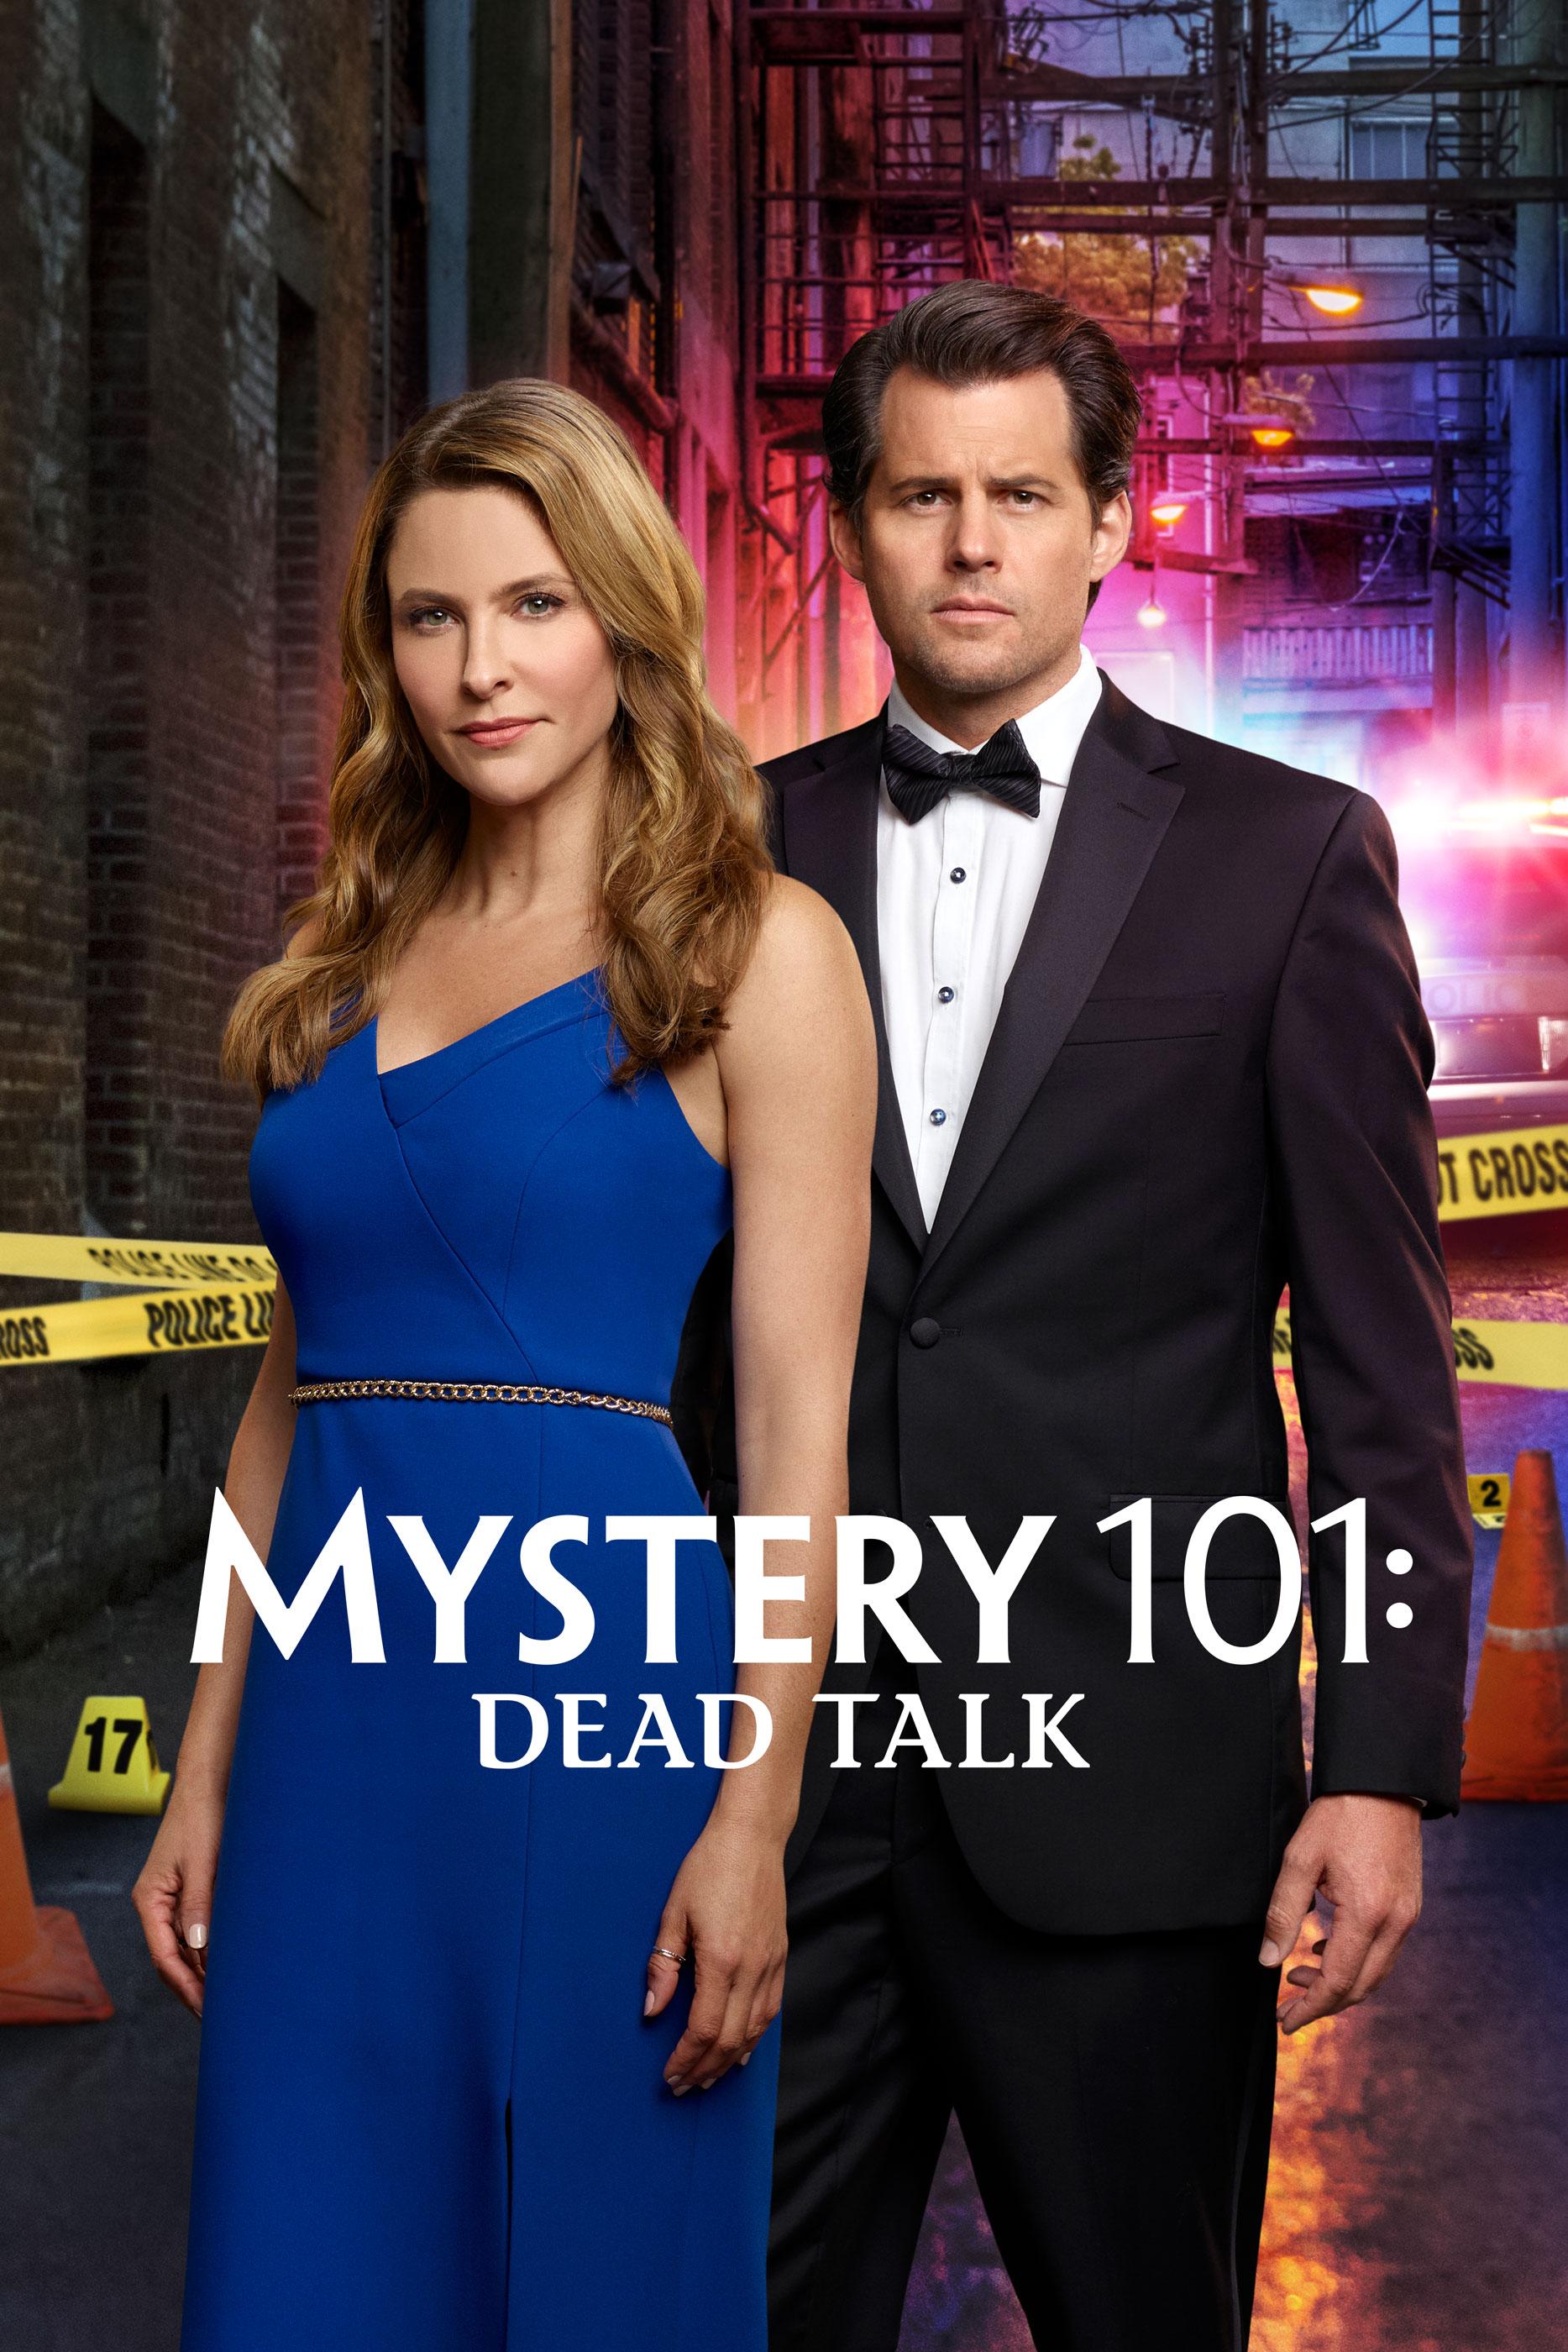 Mystery101_DeadTalk_FKA.jpg